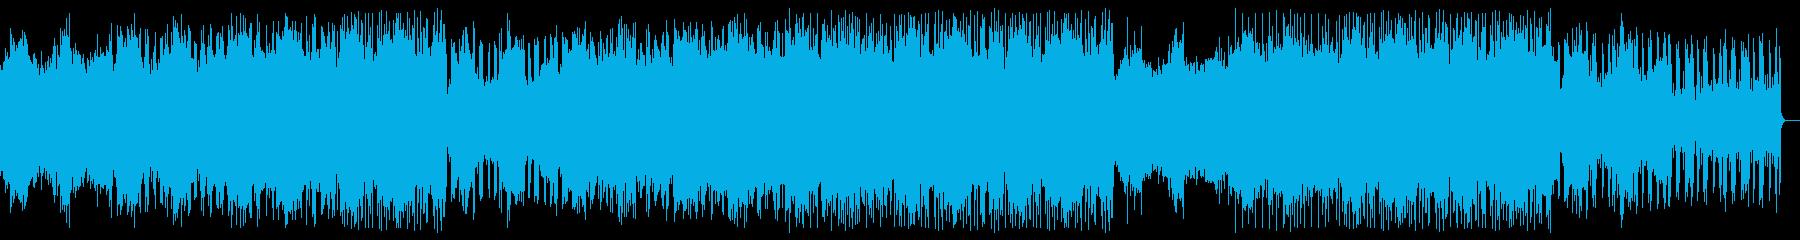 切ないエレクトロニカ・アンビエント風楽曲の再生済みの波形